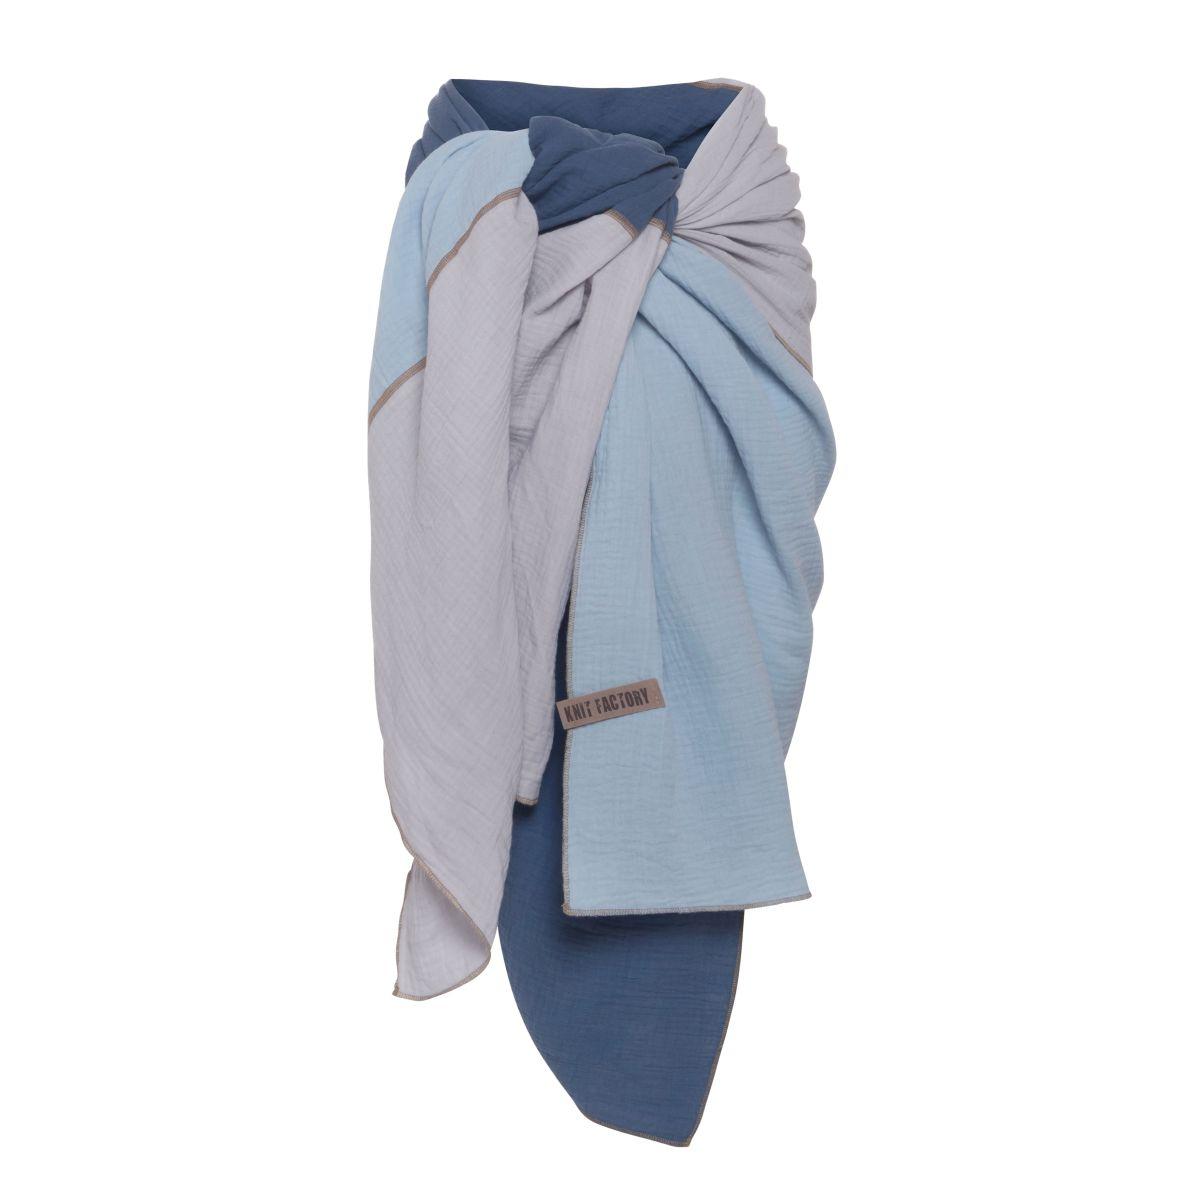 knit factory kf151056054 fay pareo jeans indigo 4